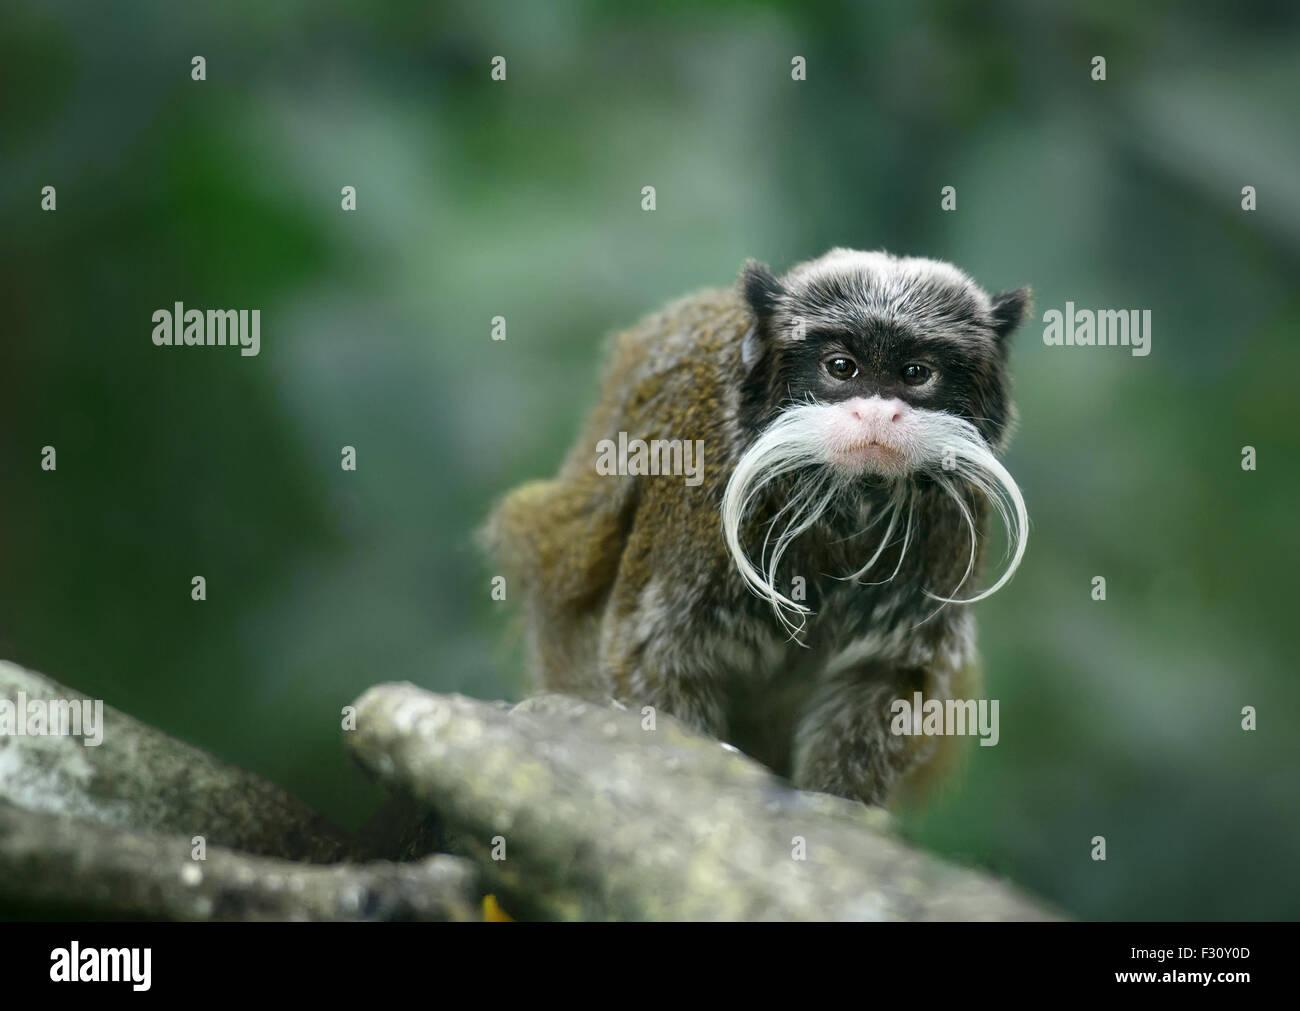 El Tamarin Emperador mono con bigote gracioso Imagen De Stock